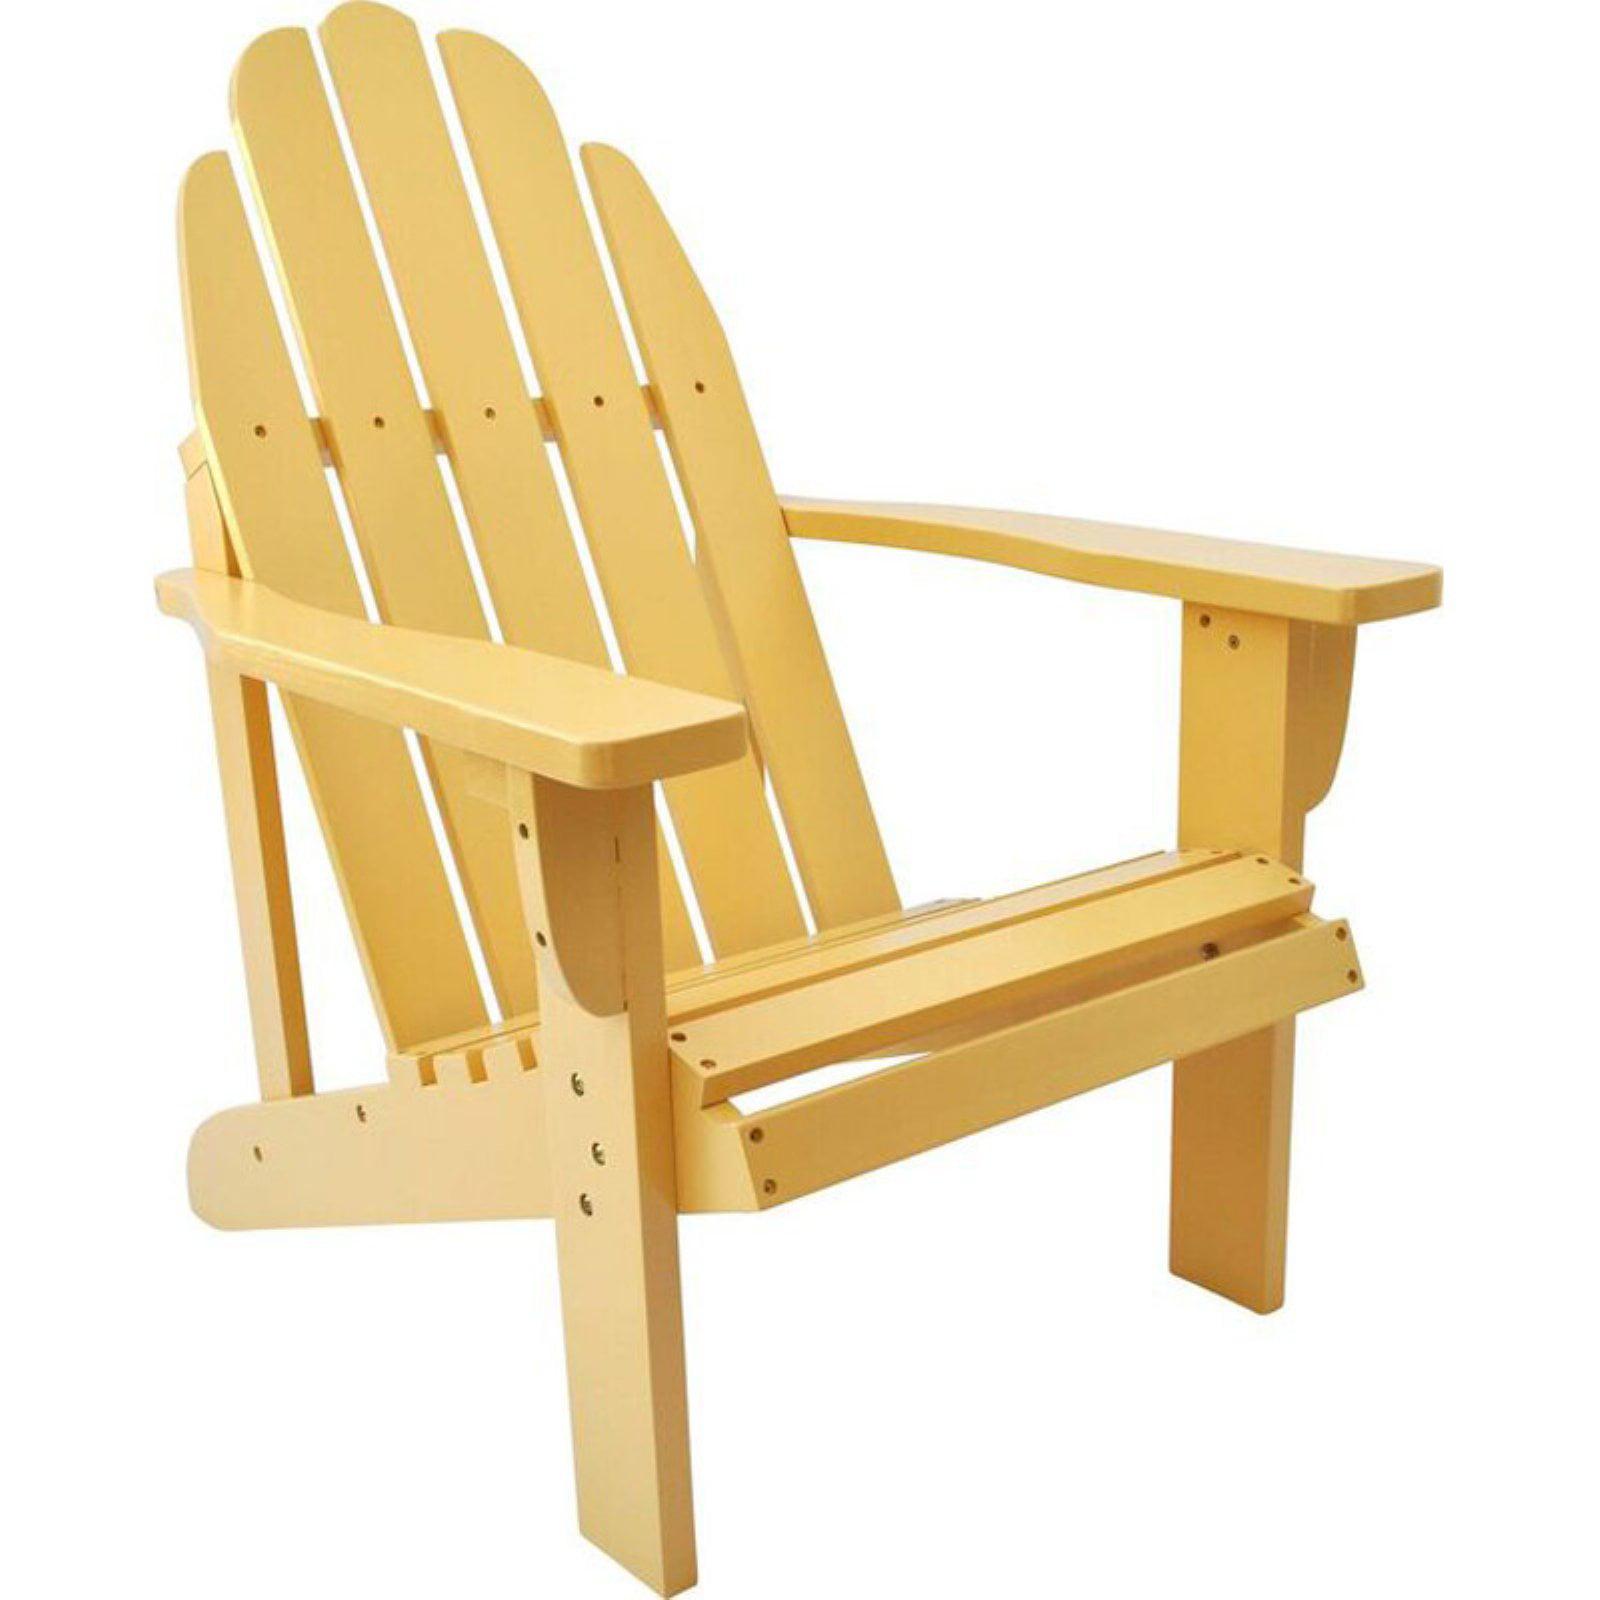 Shine Company Catalina Adirondack Chair - Bee's Wax